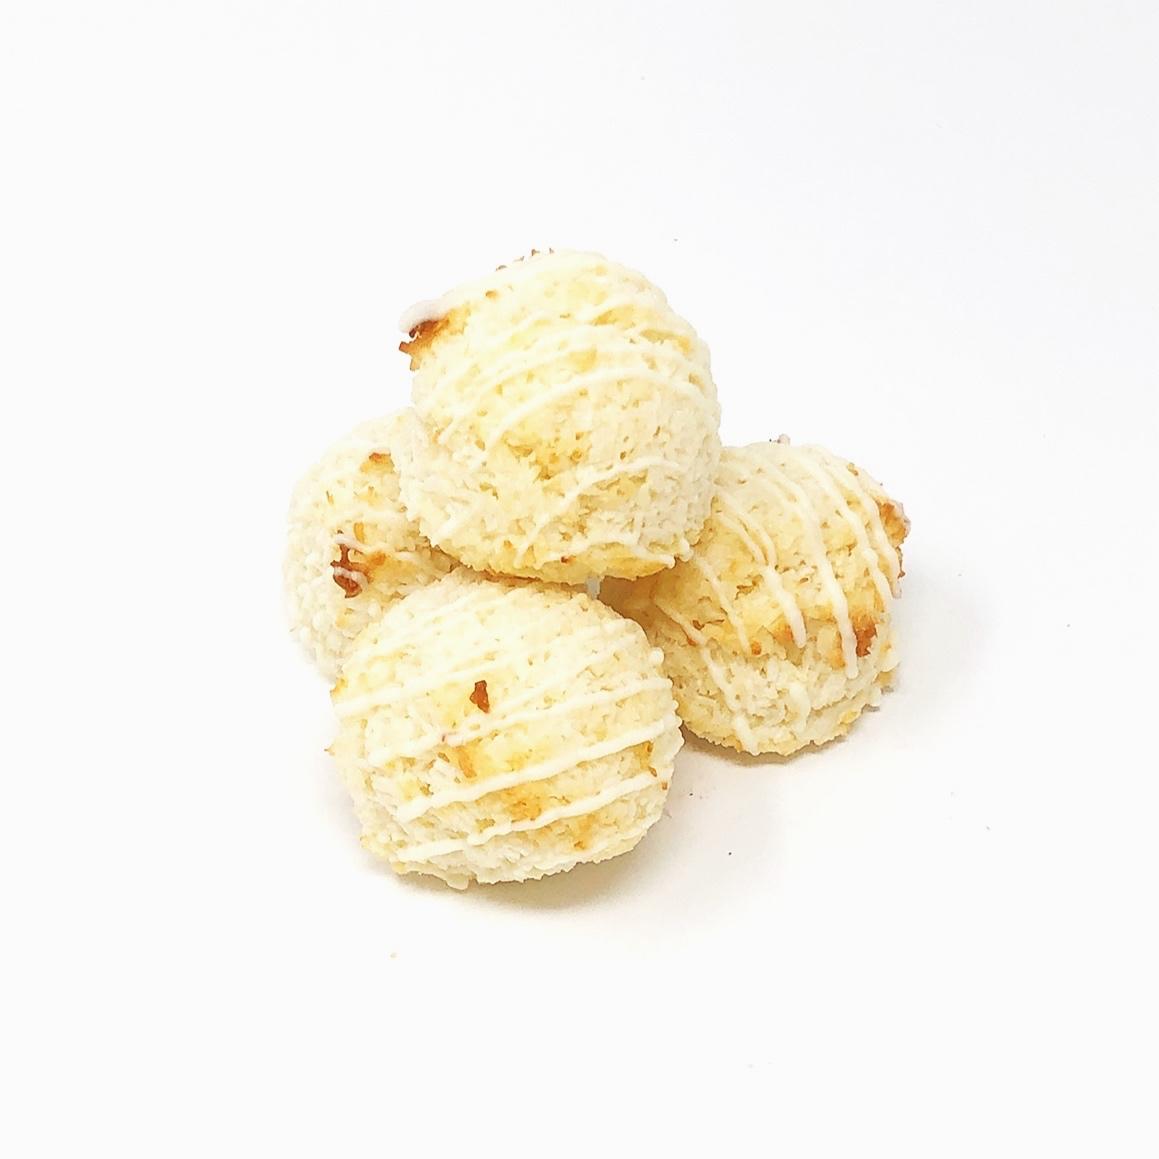 COCONUT MACAROON (GF) - $1.25 each